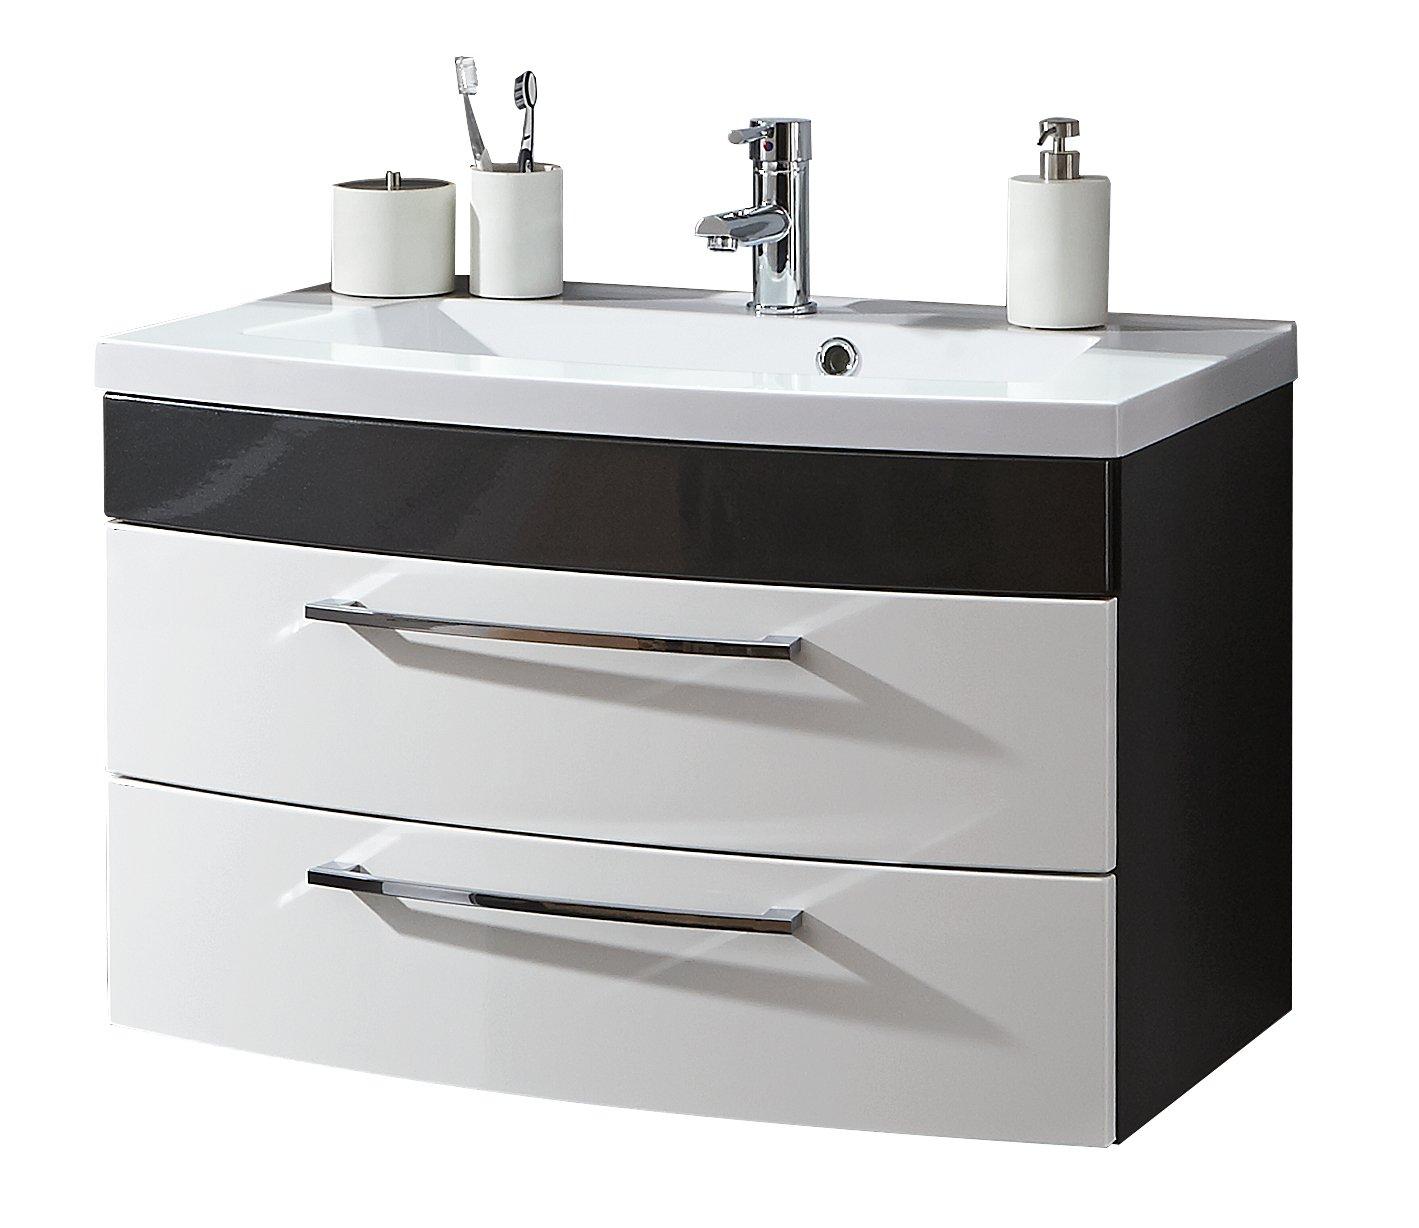 waschtisch 80 cm kaufen excellent groartig holz mbel von. Black Bedroom Furniture Sets. Home Design Ideas